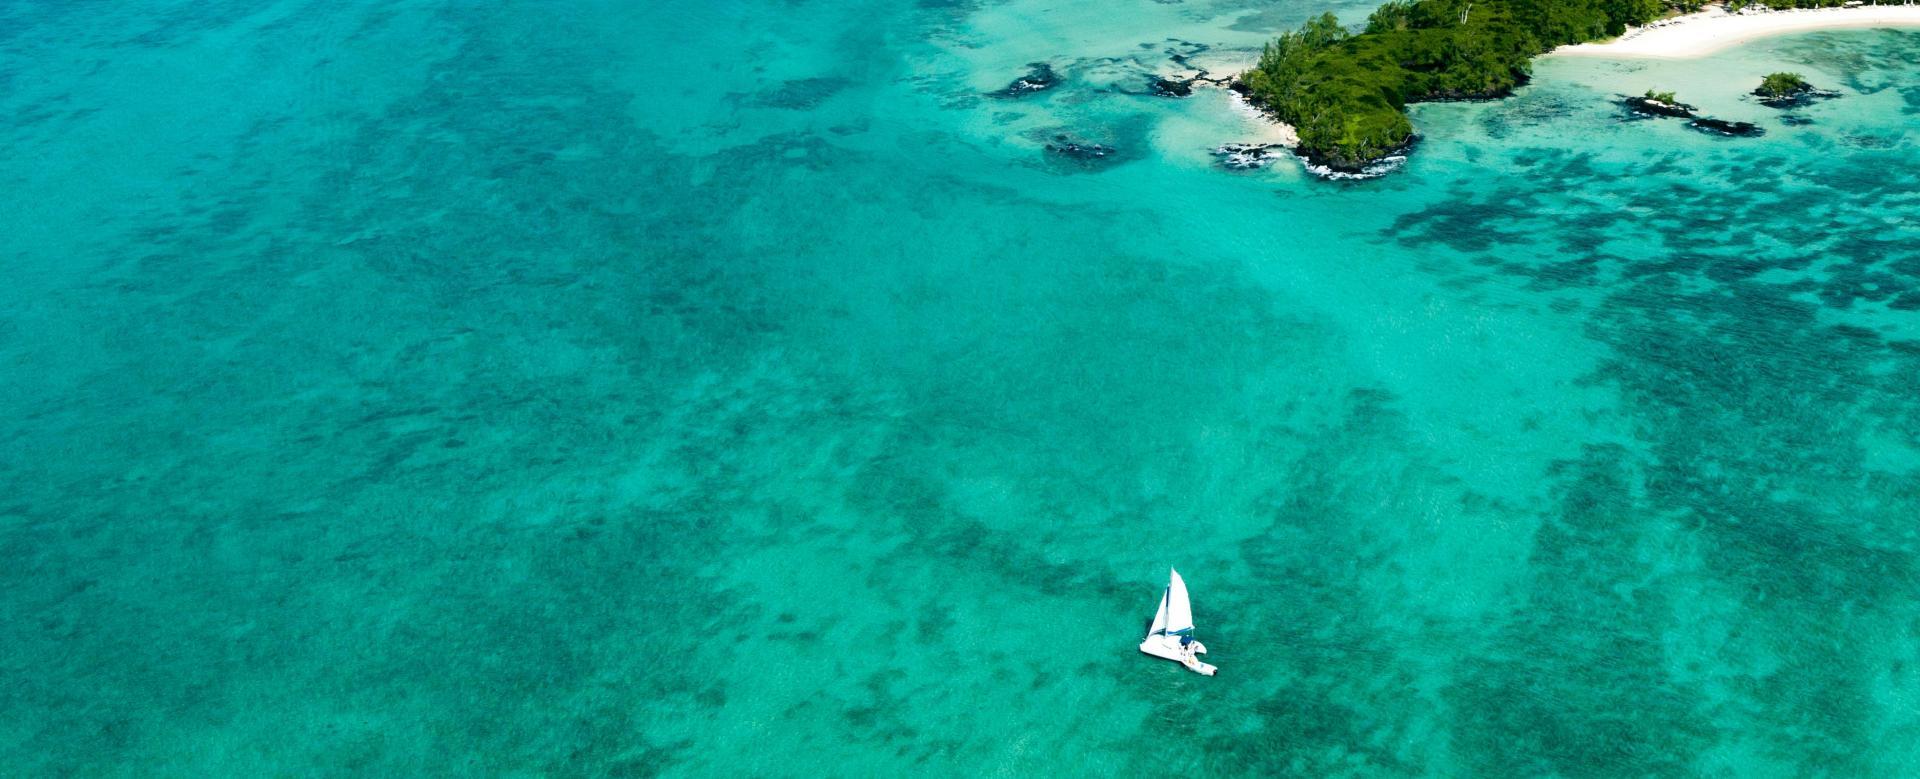 Voyage à pied : Cimes et lagons de l'île maurice